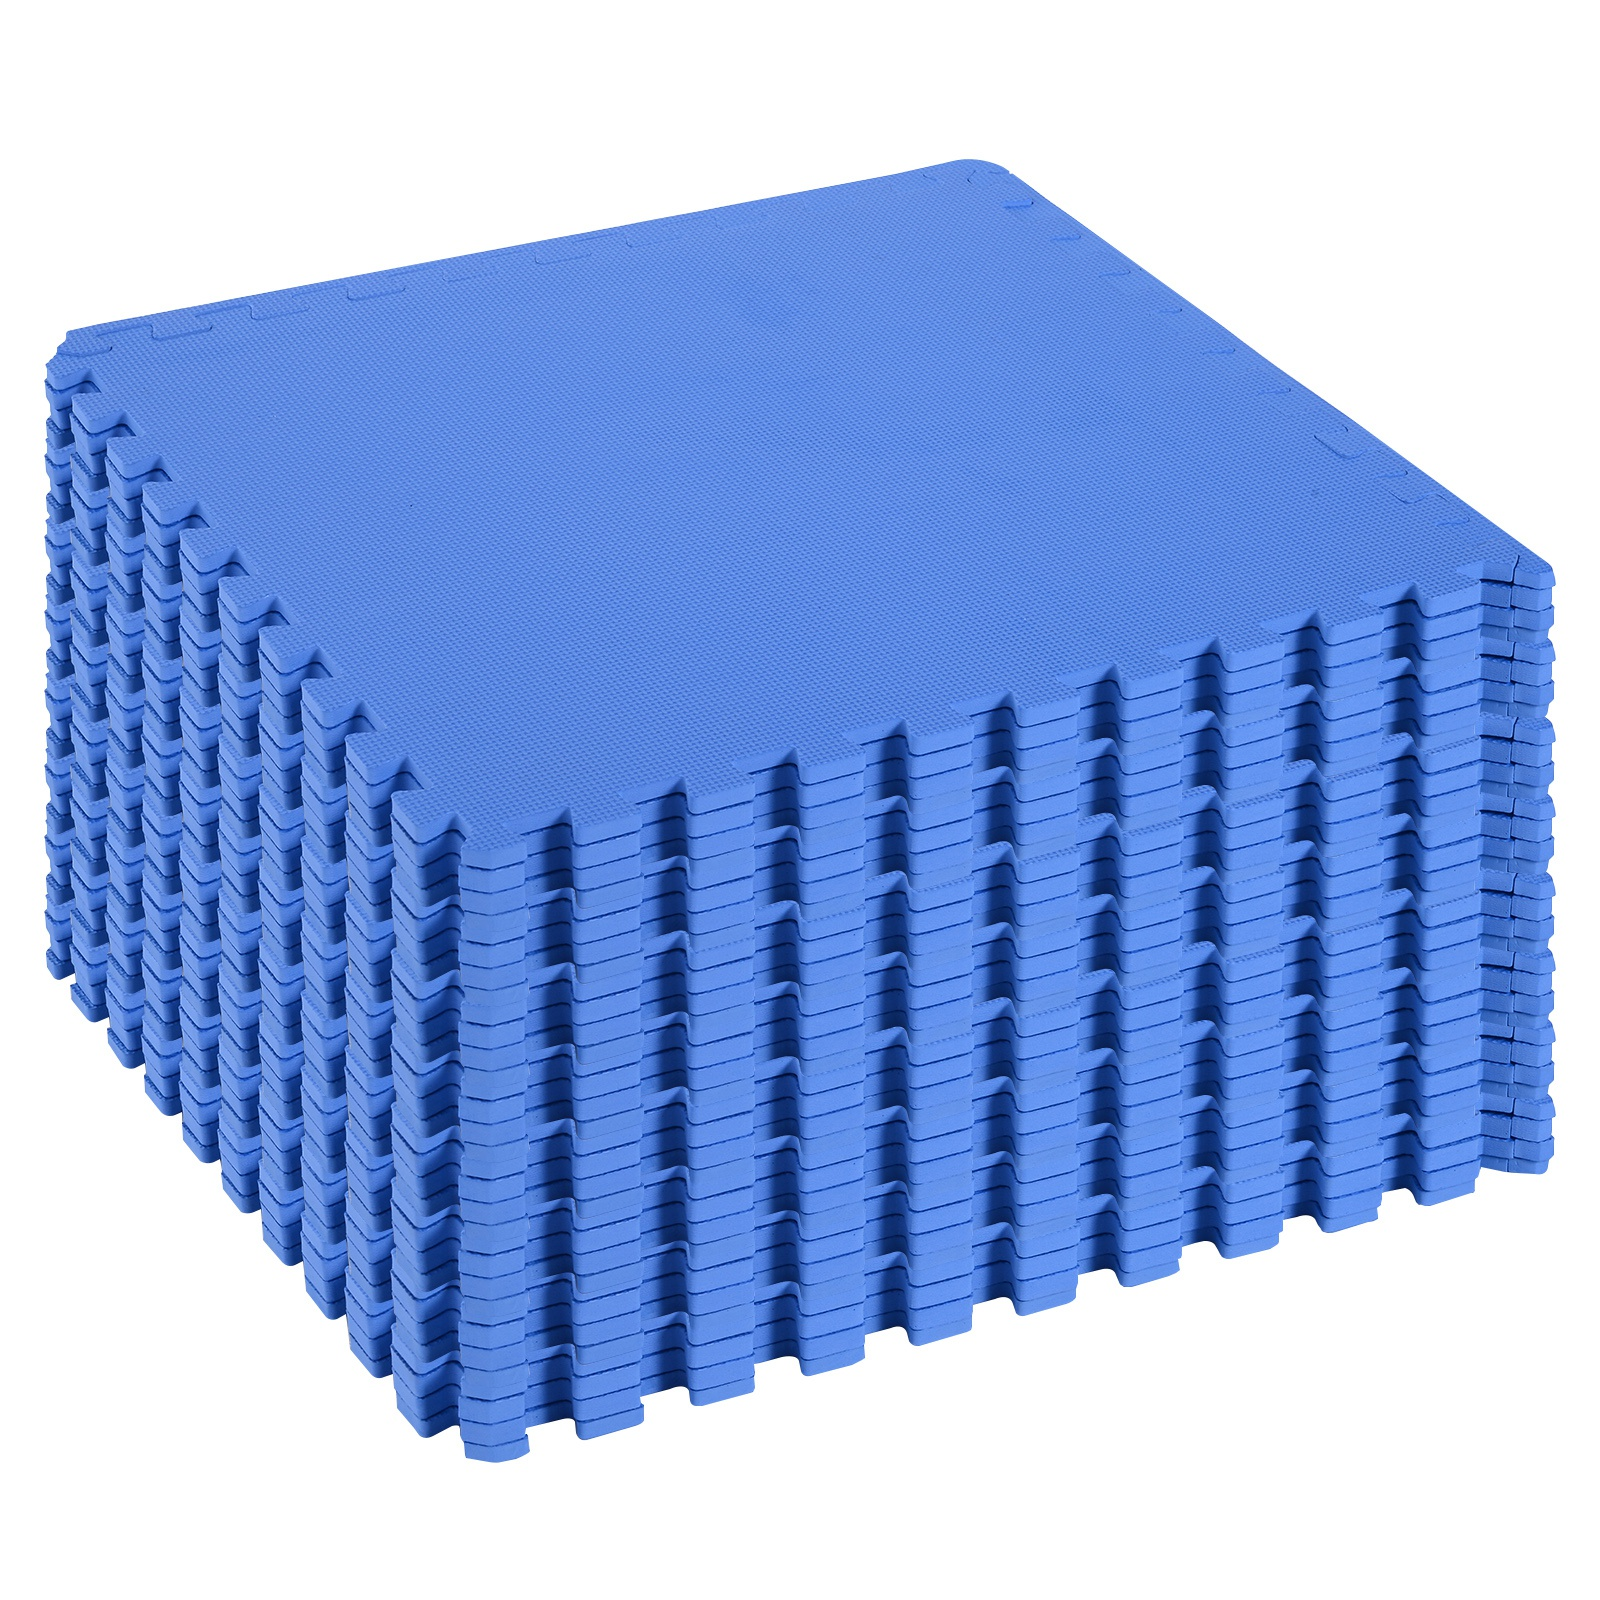 Homcom Covor Puzzle 32 Piese 63x63cm in EVA Moale Albastru imagine aosom.ro